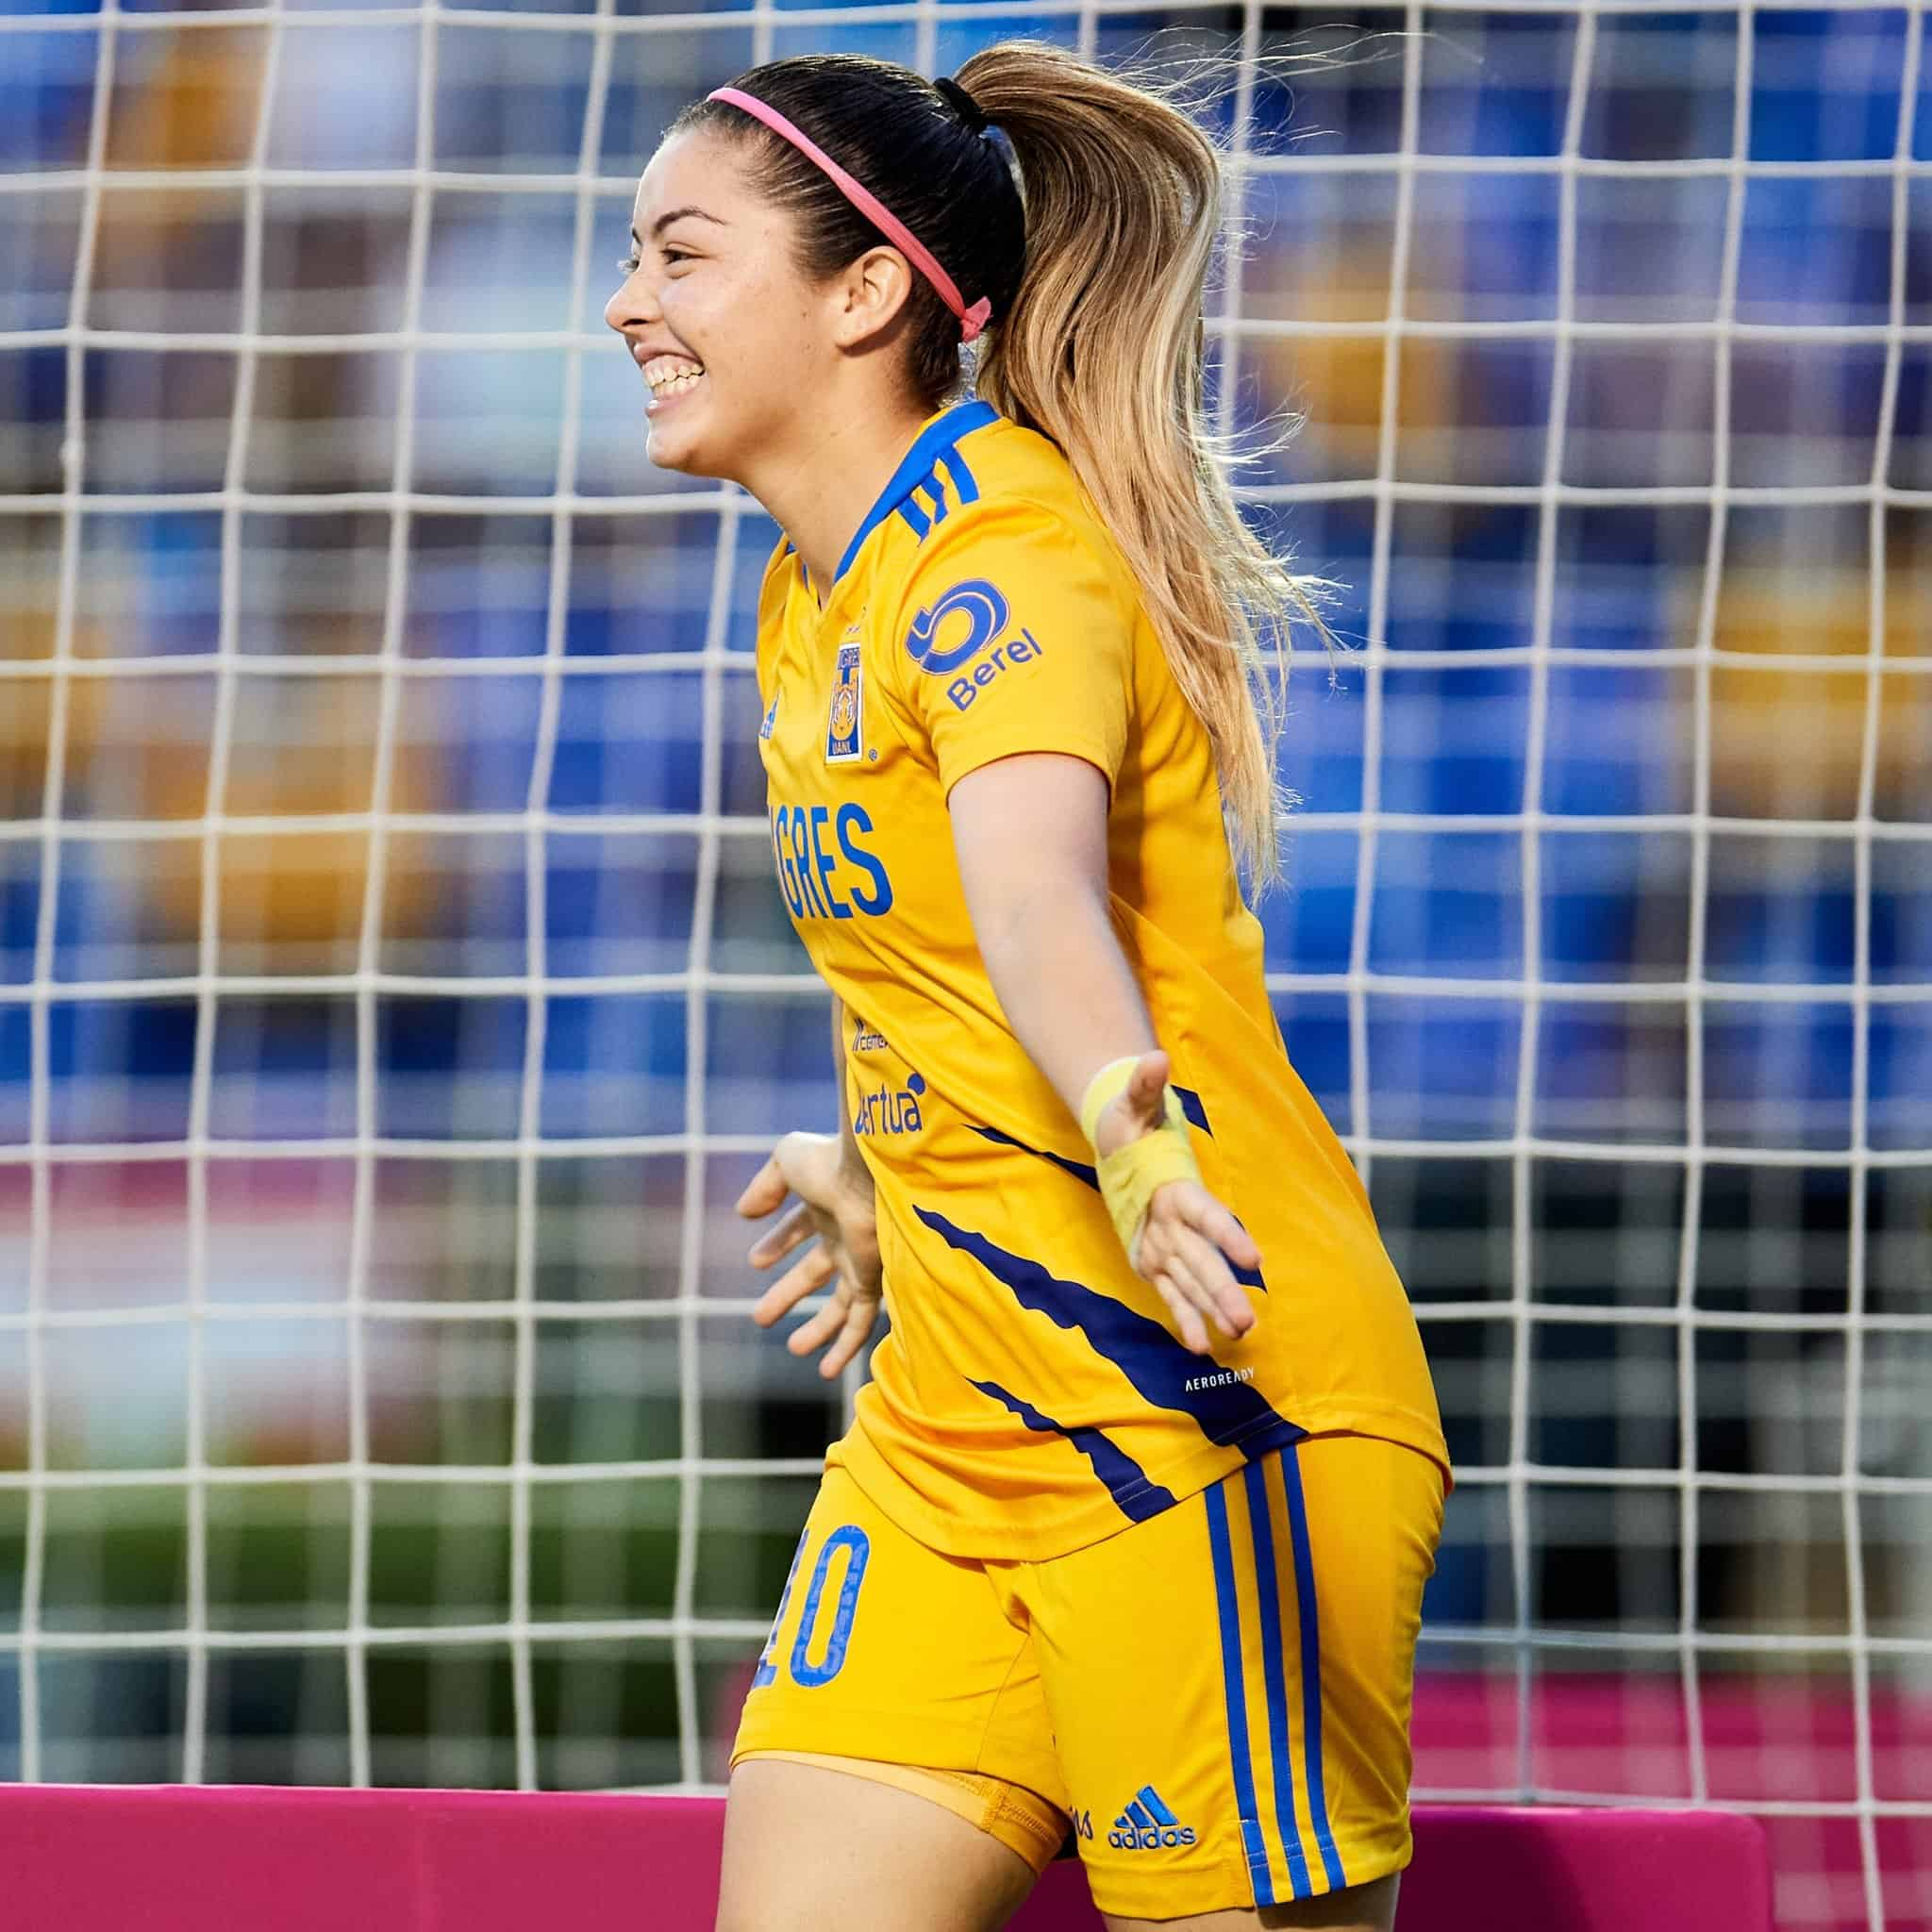 Tigres femenil llegó a 13 triunfos consecutivos, goleó 3-0 a Xolas